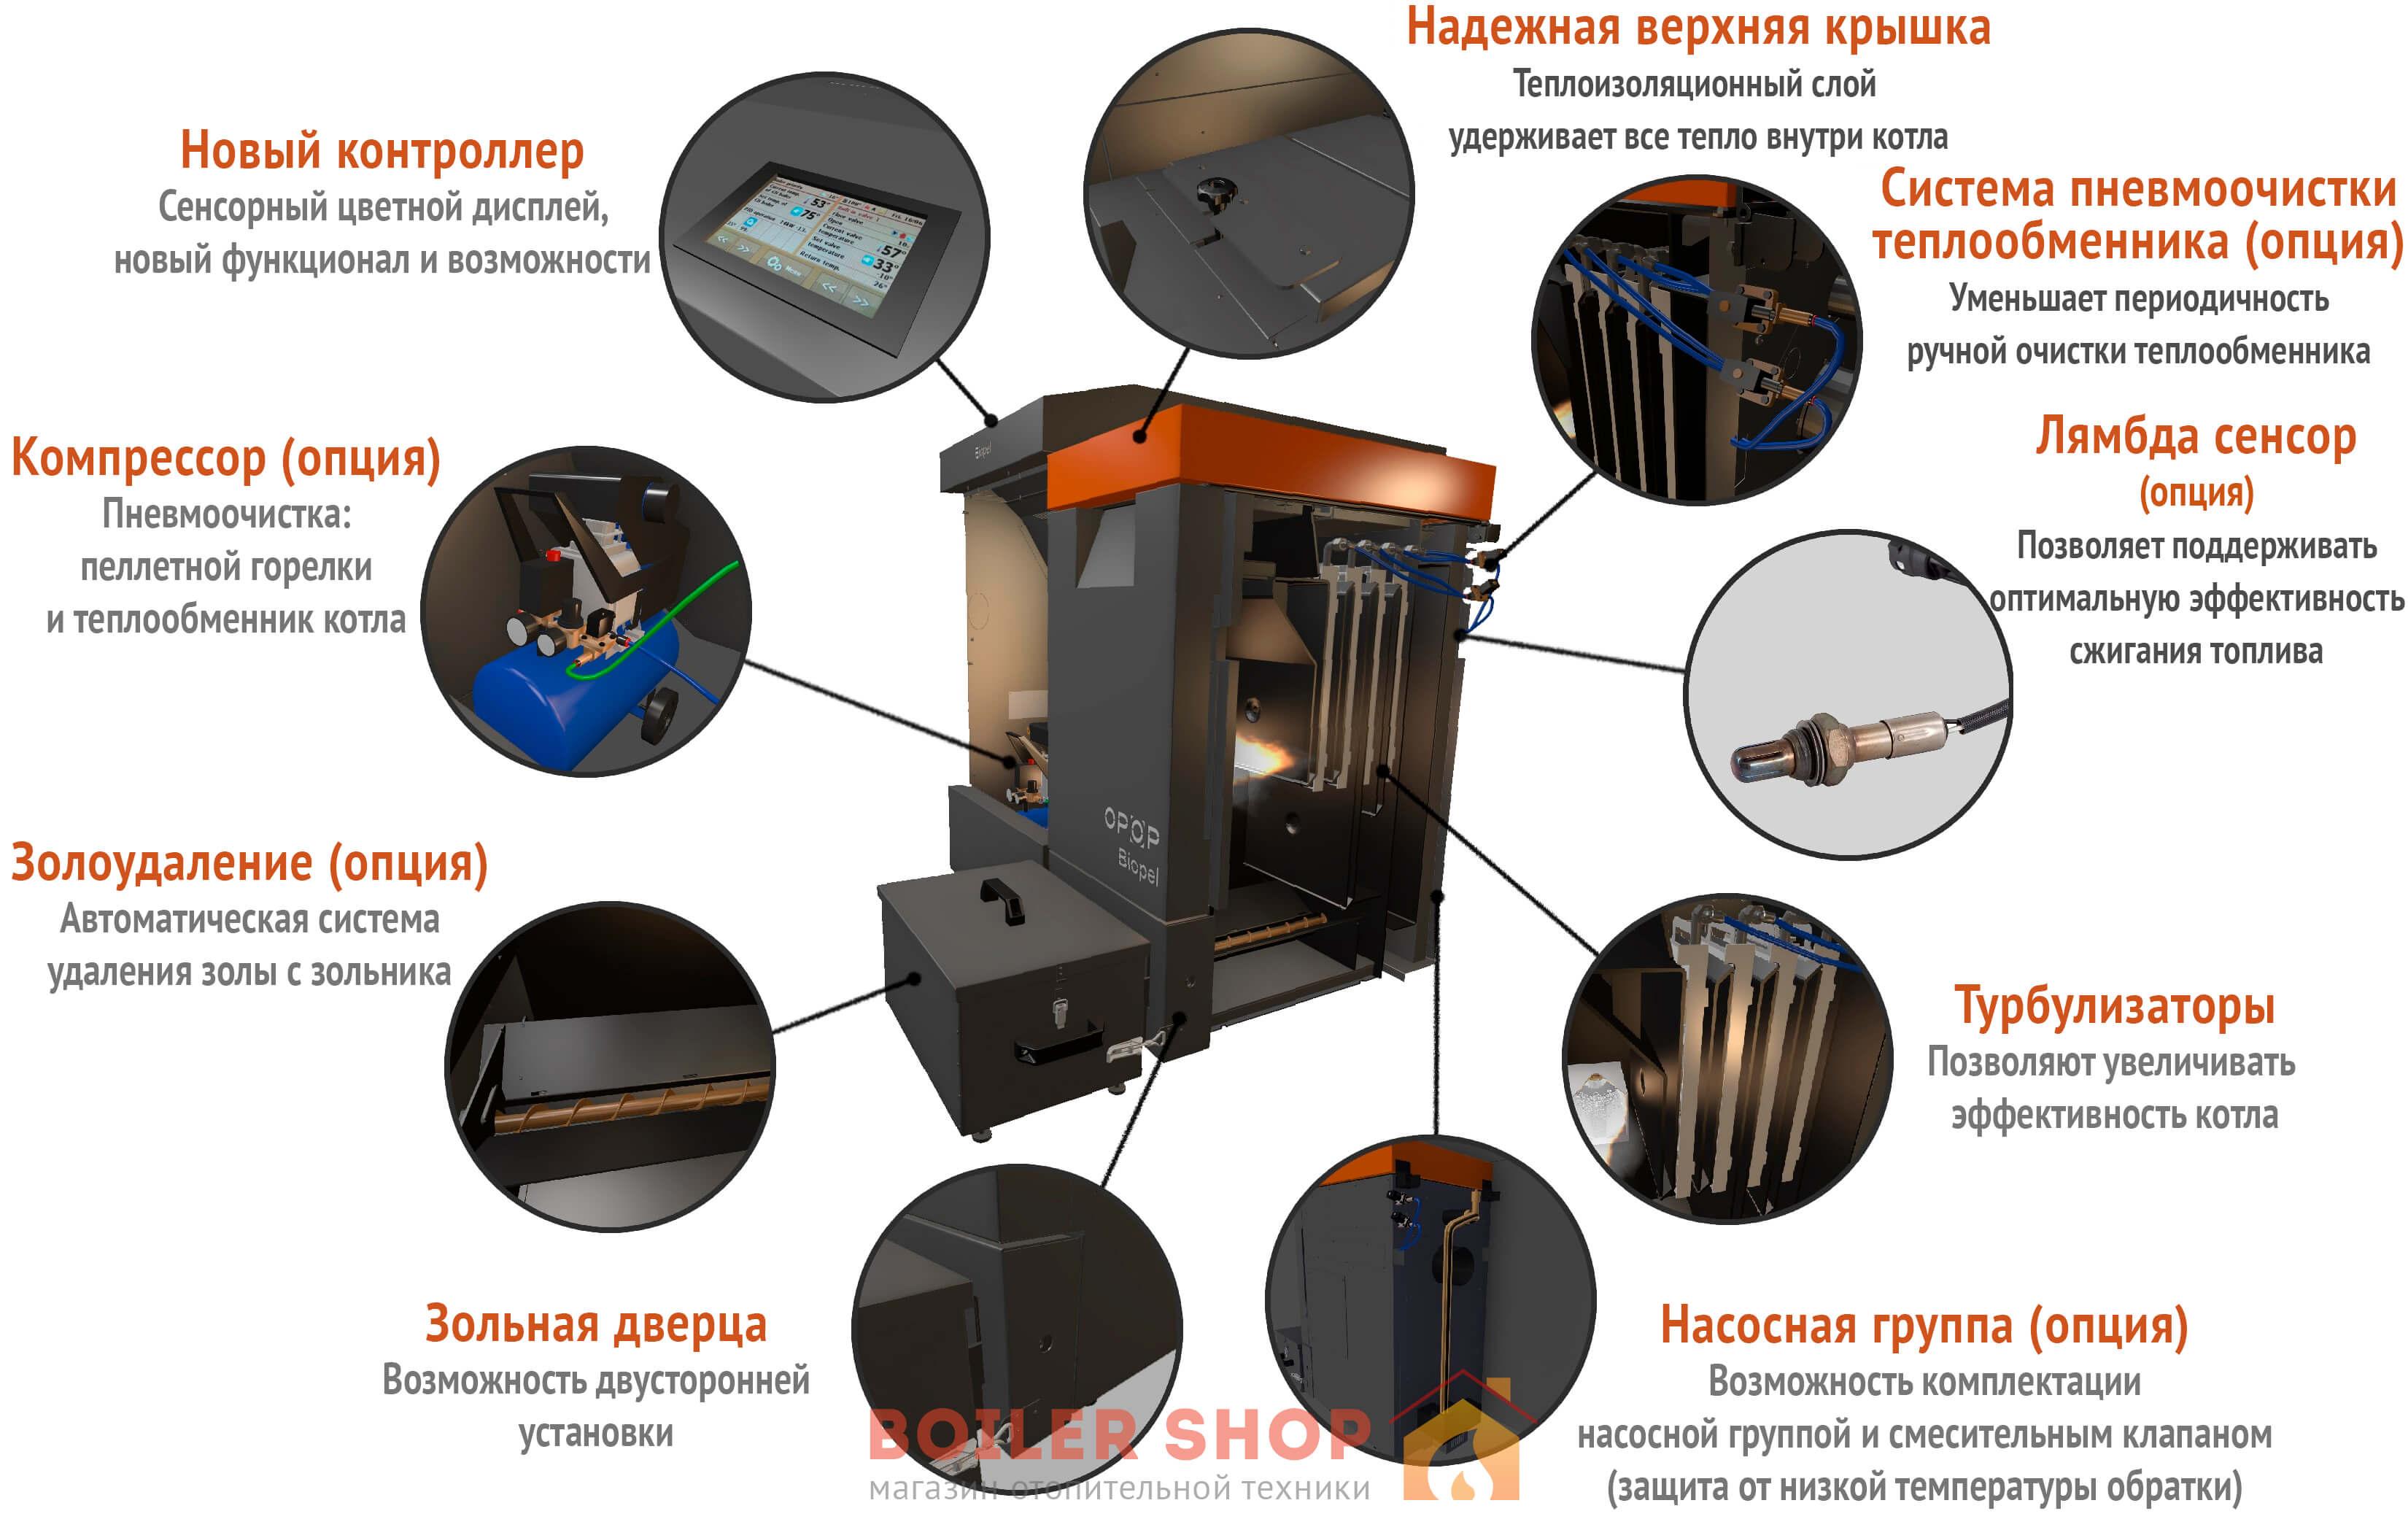 Конструкция и возможная комплектация котлаOpop Biopel Premium 10-40 кВт